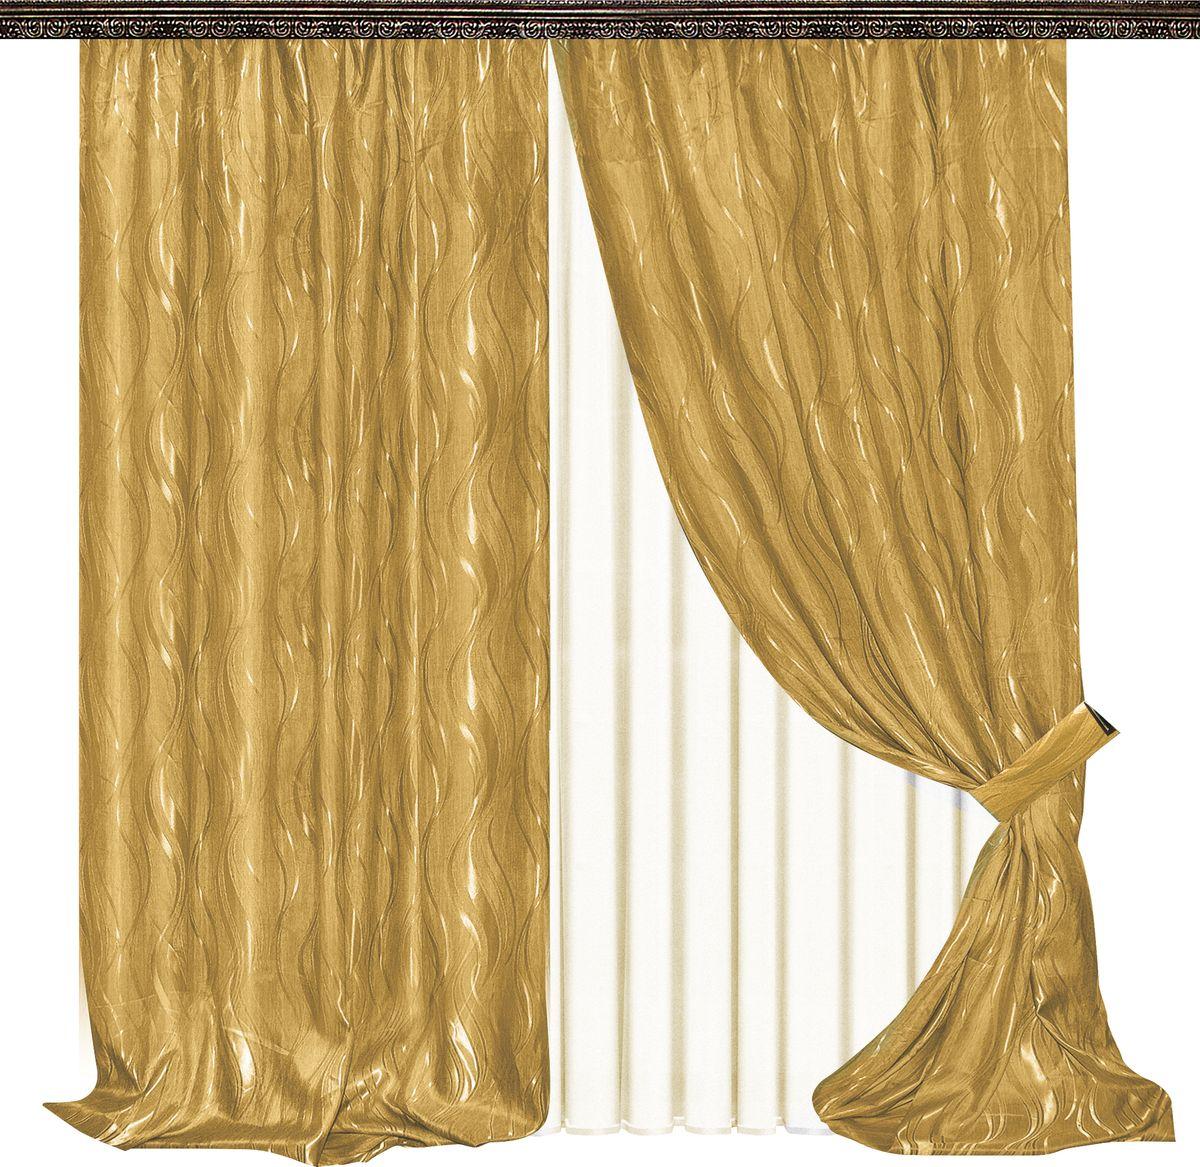 Комплект штор Zlata Korunka, на ленте, цвет: золотой, высота 270 см. 777045777045Комплект штор для спальни и гостиной 300*270(150*270)*2 , крепление шторная лента.